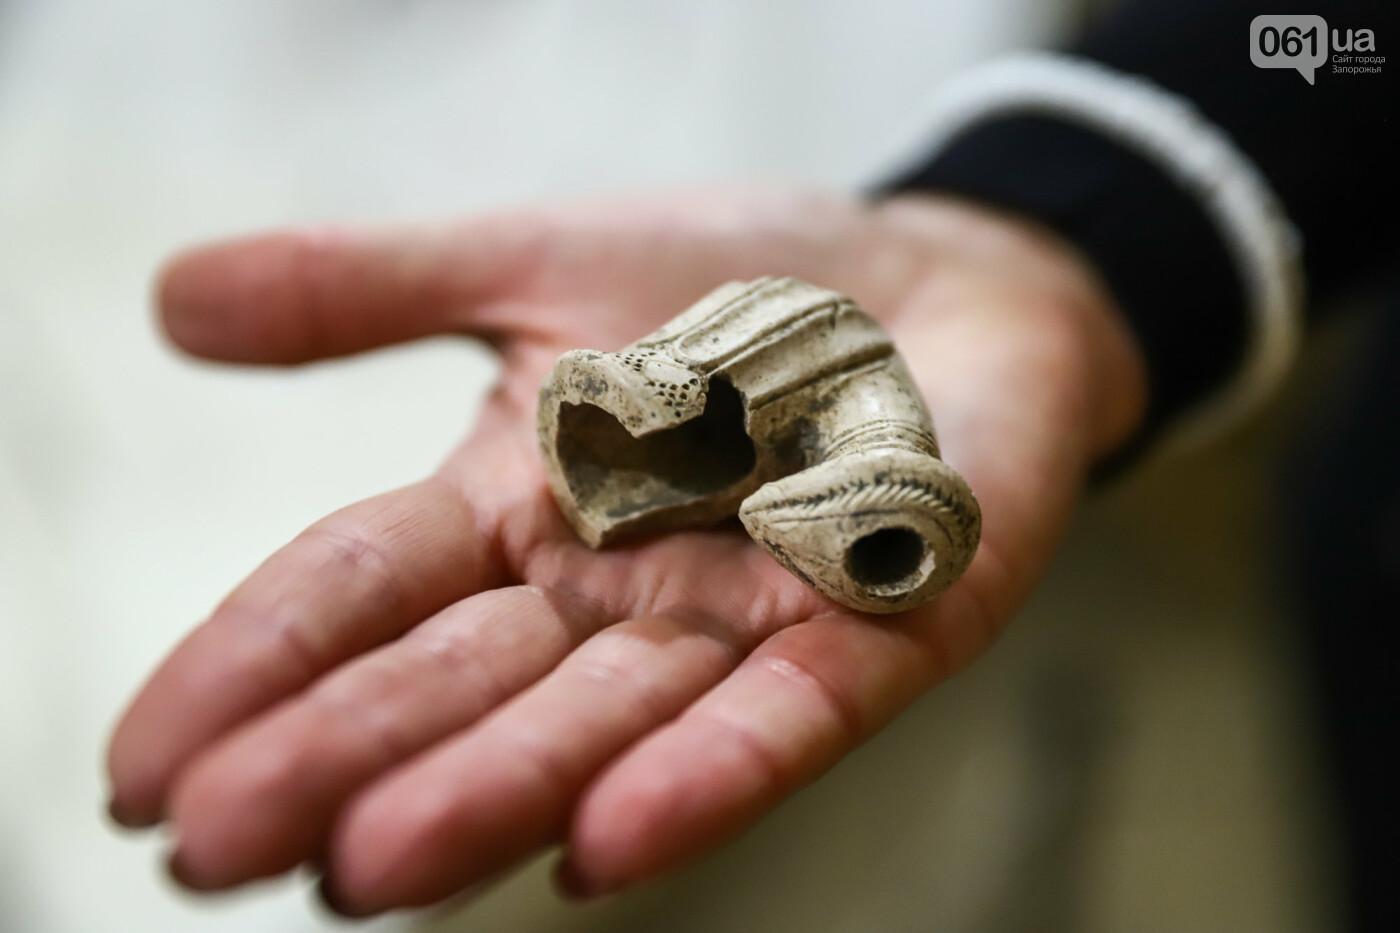 На Запорожской Сечи пополнилась уникальная коллекция казацких люлек: что курили казаки и о чем может рассказать трубка, фото-15